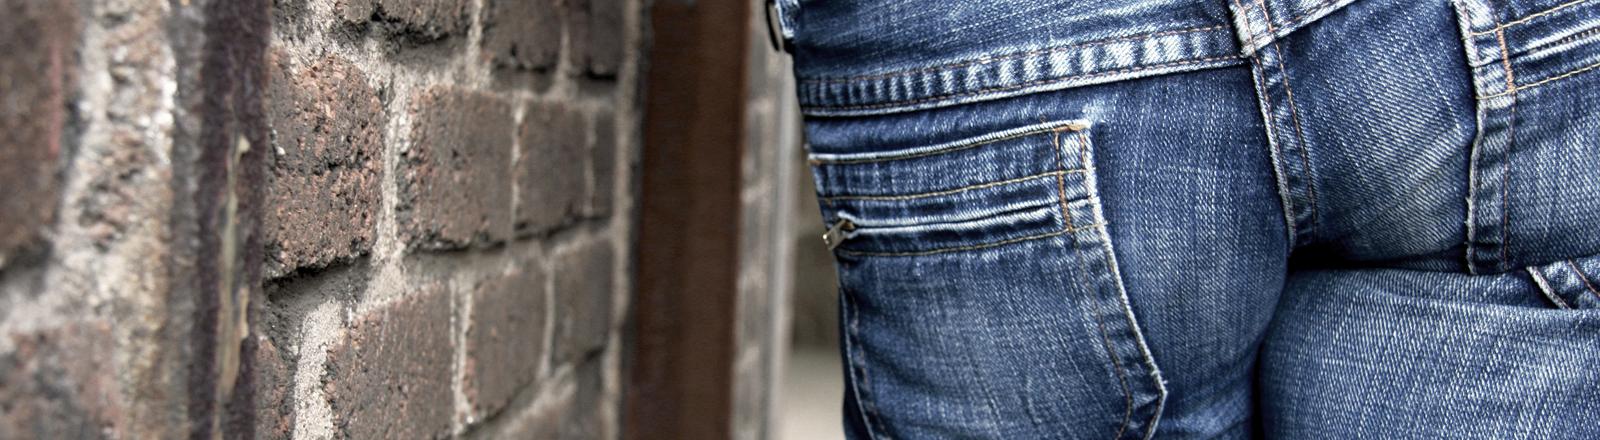 Ein Po in Jeans verpackt lehnt an einer Mauer.